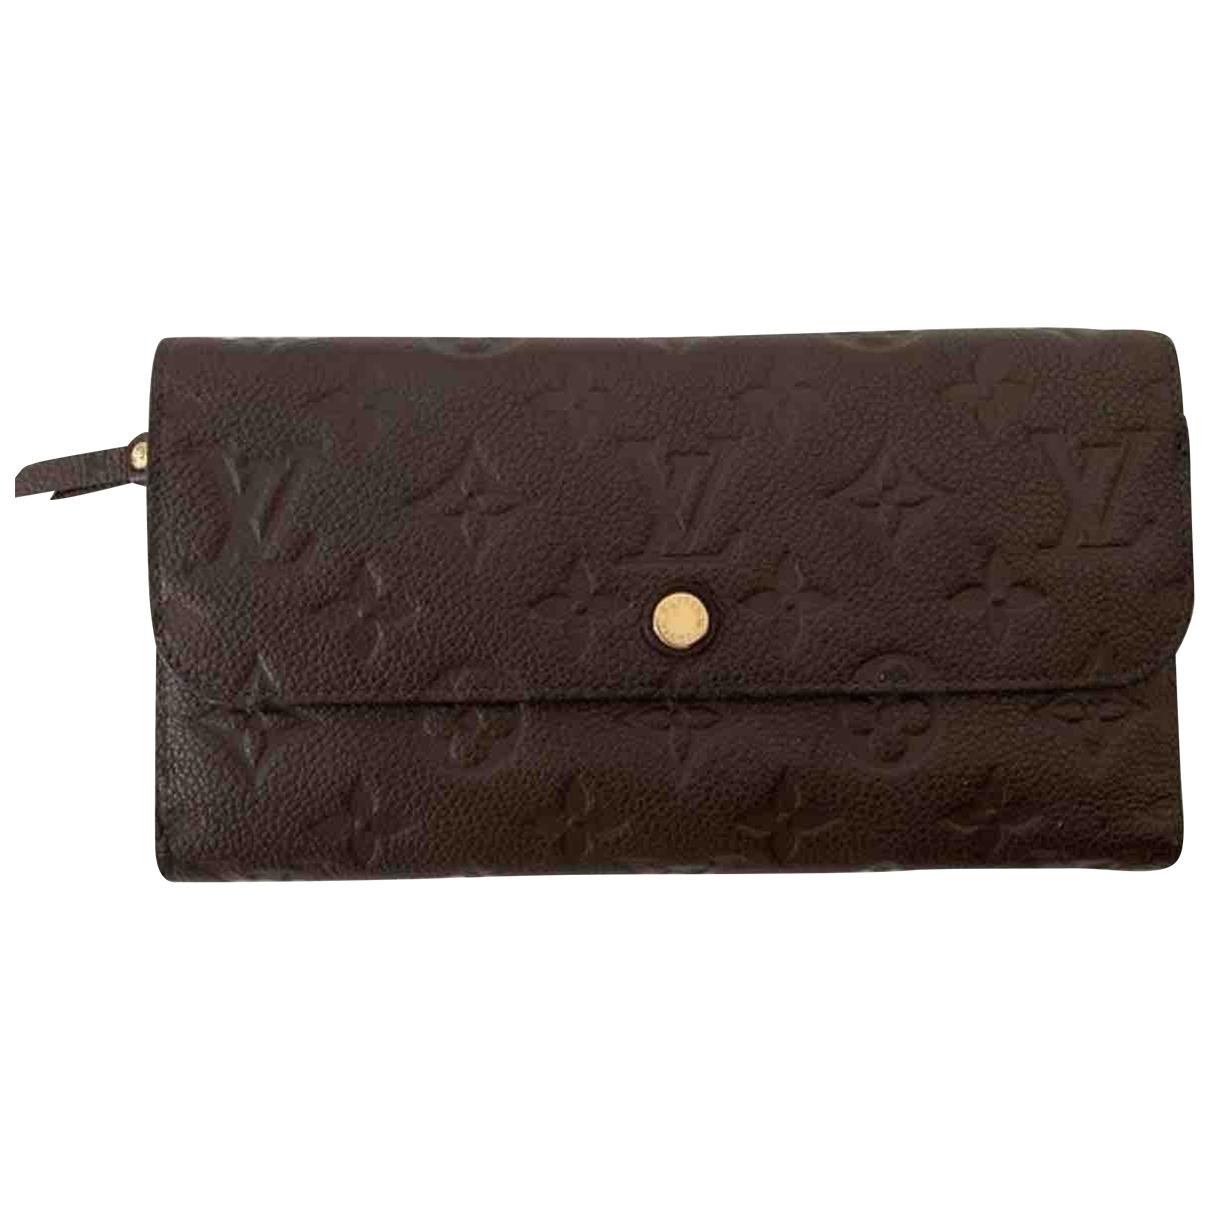 Louis Vuitton - Portefeuille Virtuose pour femme en cuir - marron